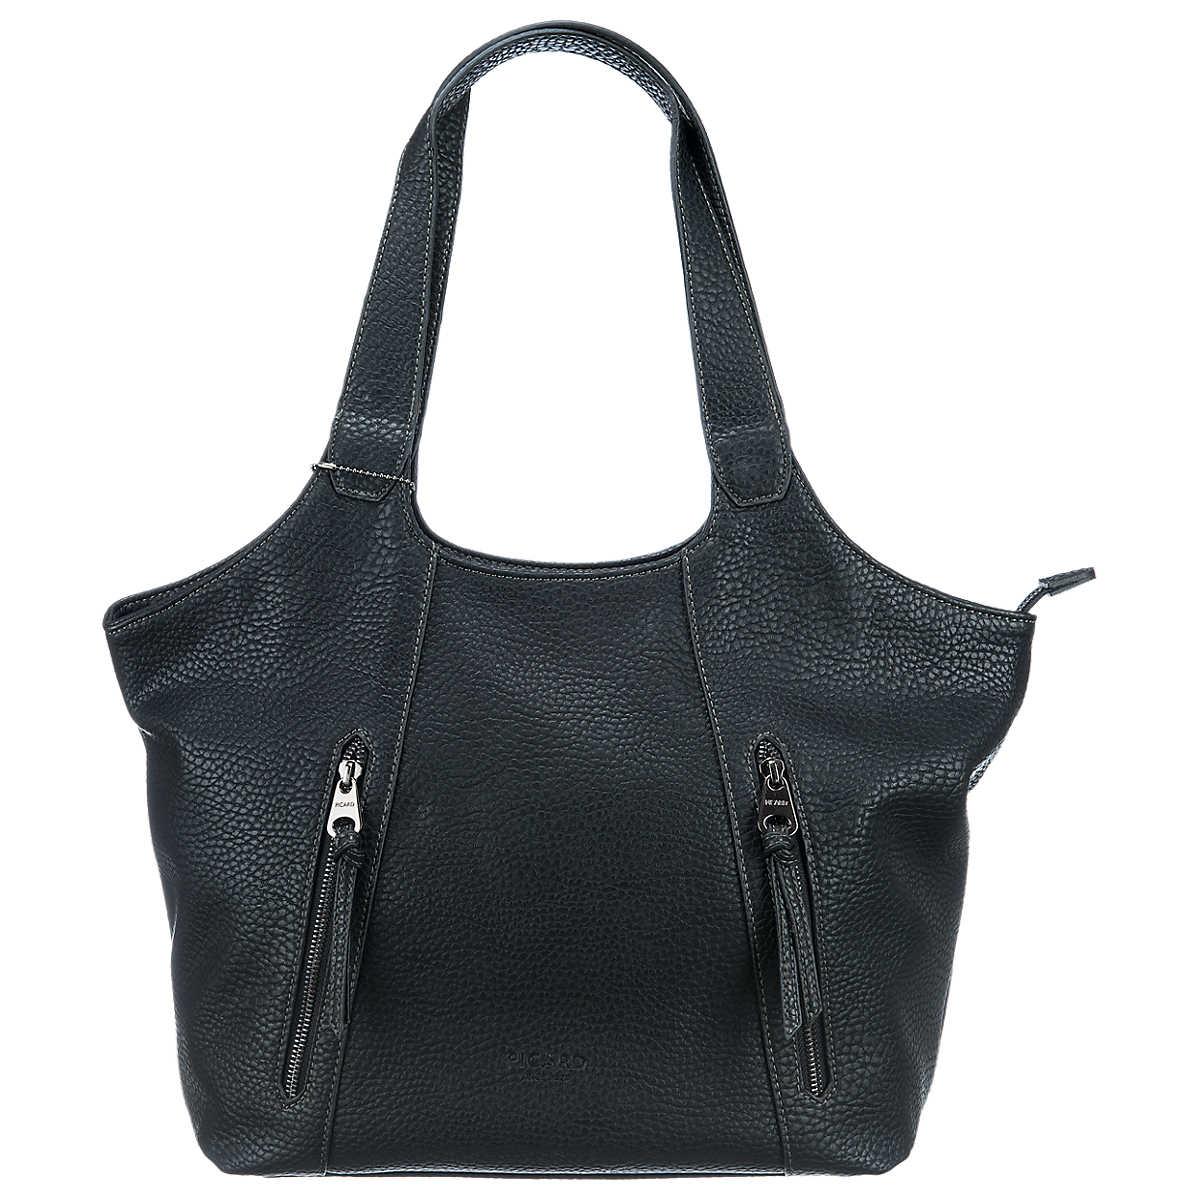 picard tilla handtasche schwarz bei mirapodo g nstig schnell einkaufen. Black Bedroom Furniture Sets. Home Design Ideas